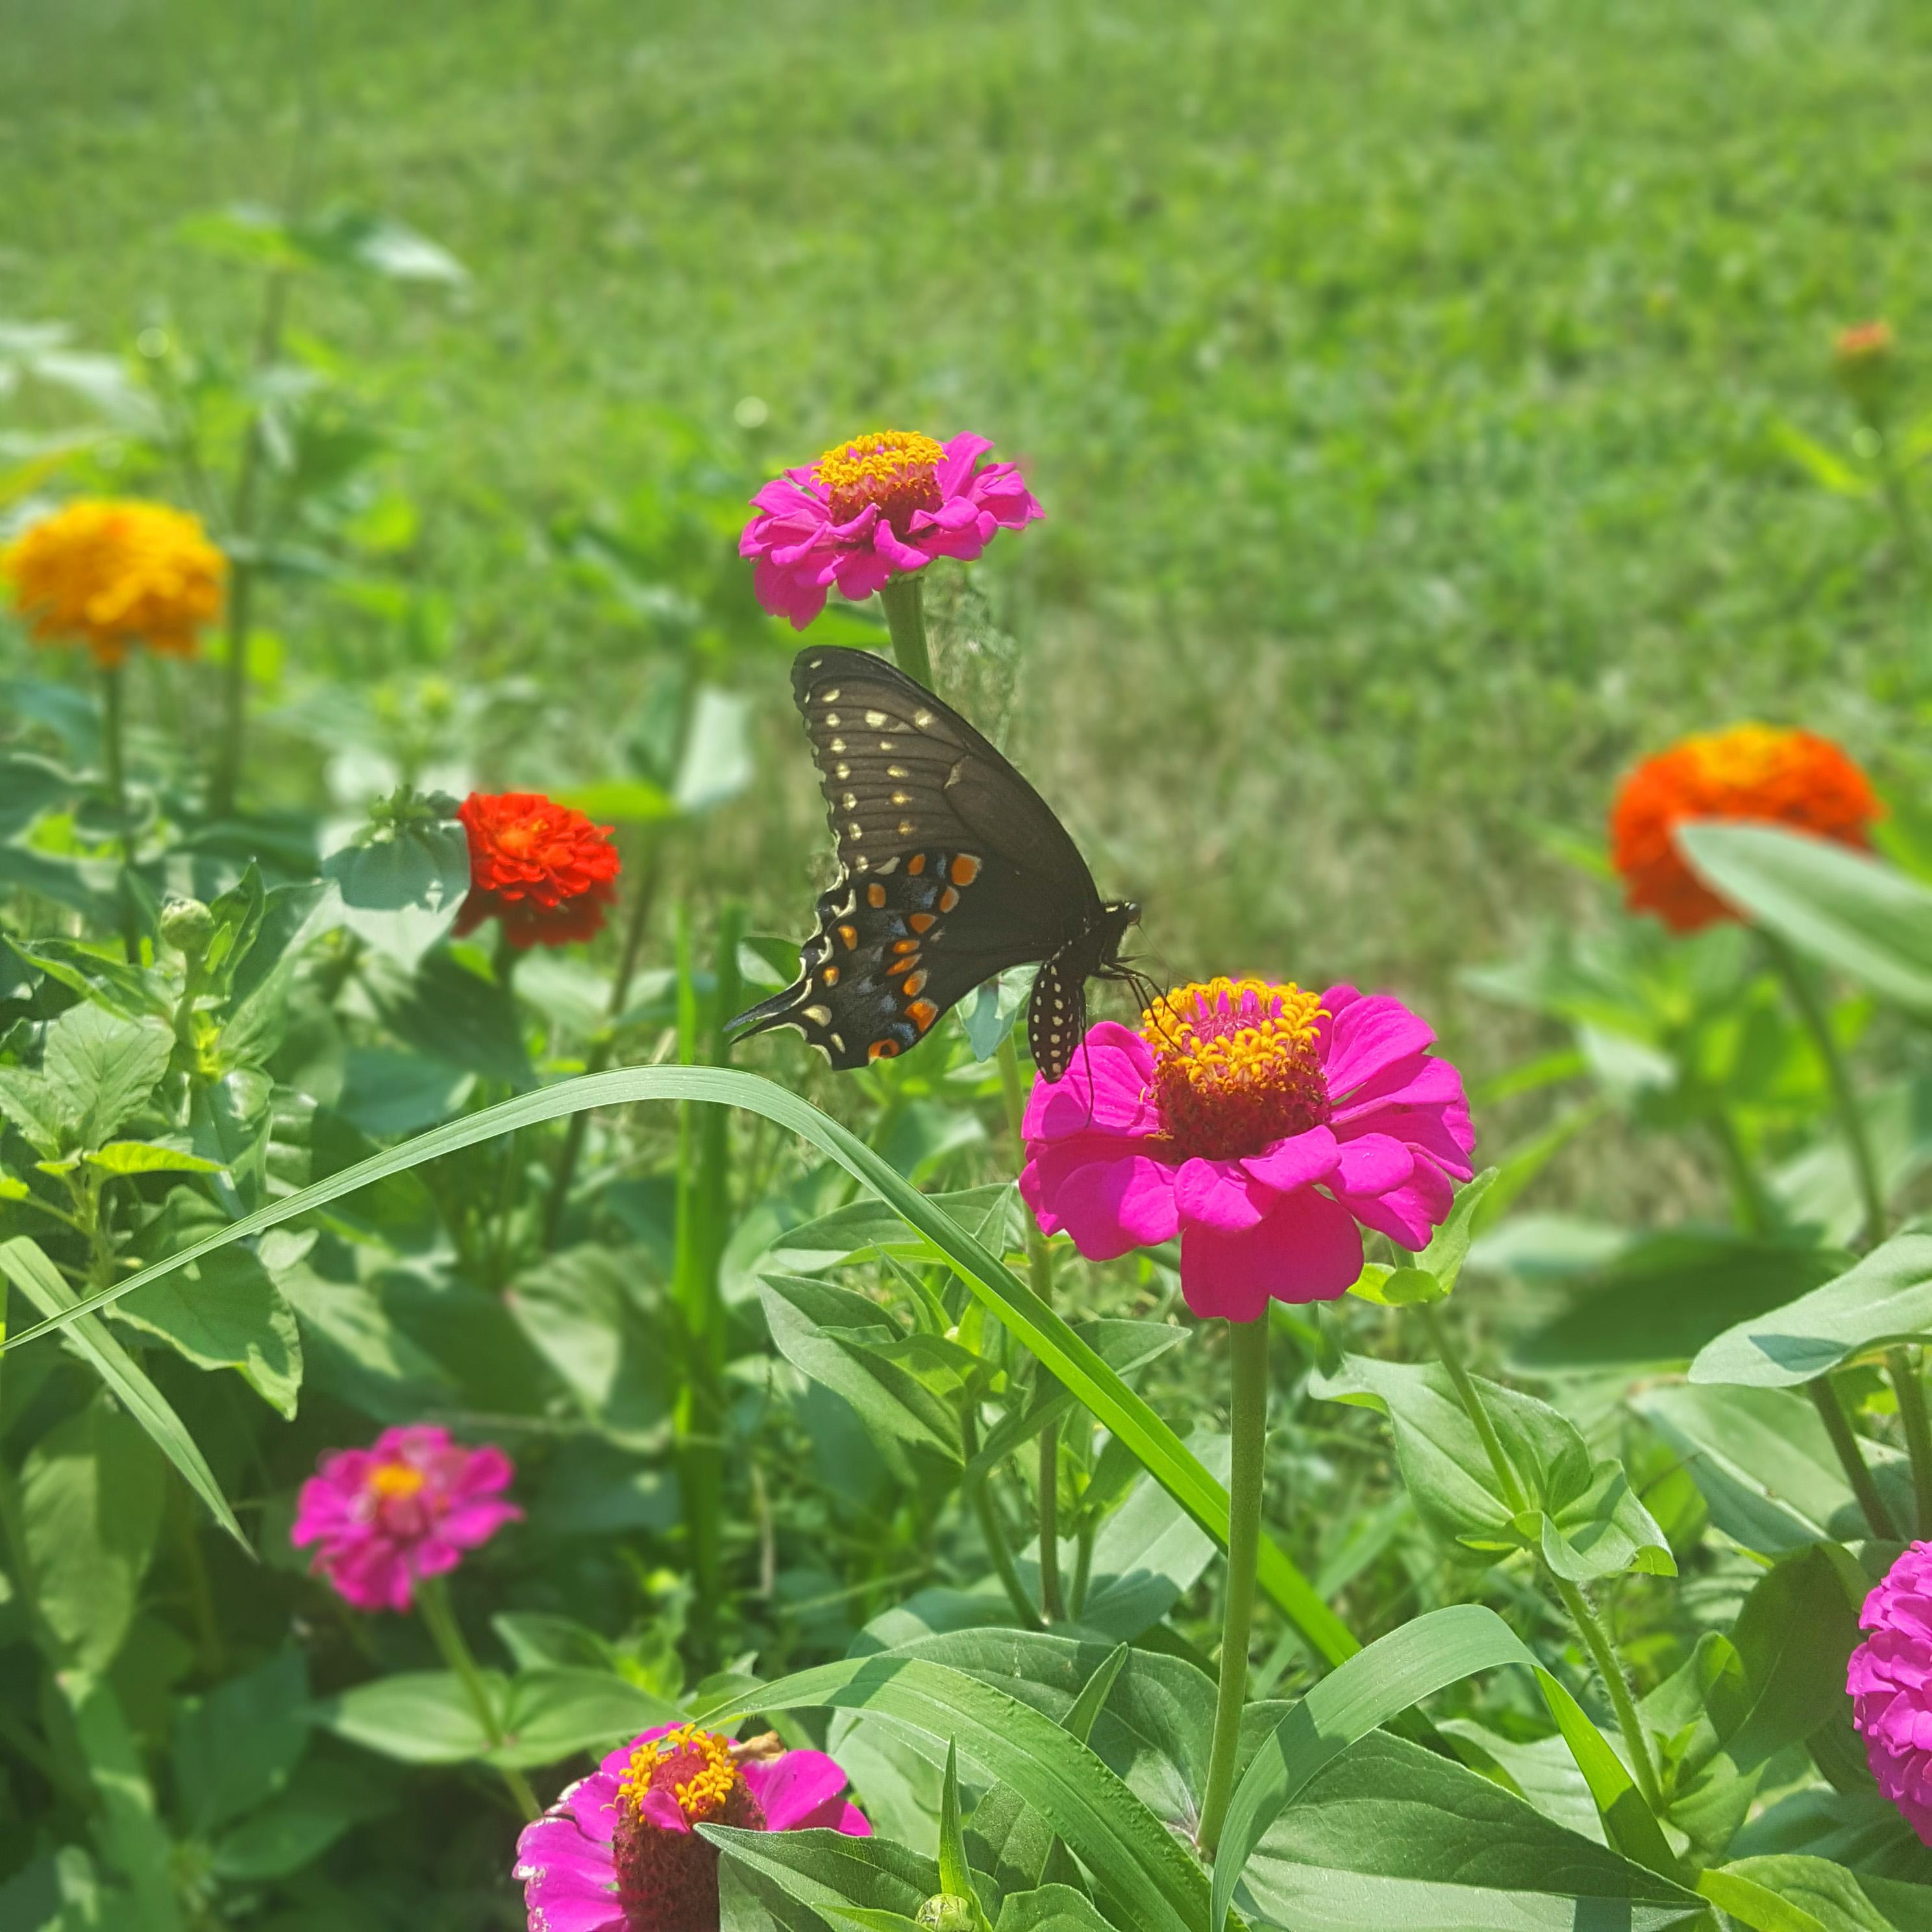 Backyard Black Spotted Butterfly2